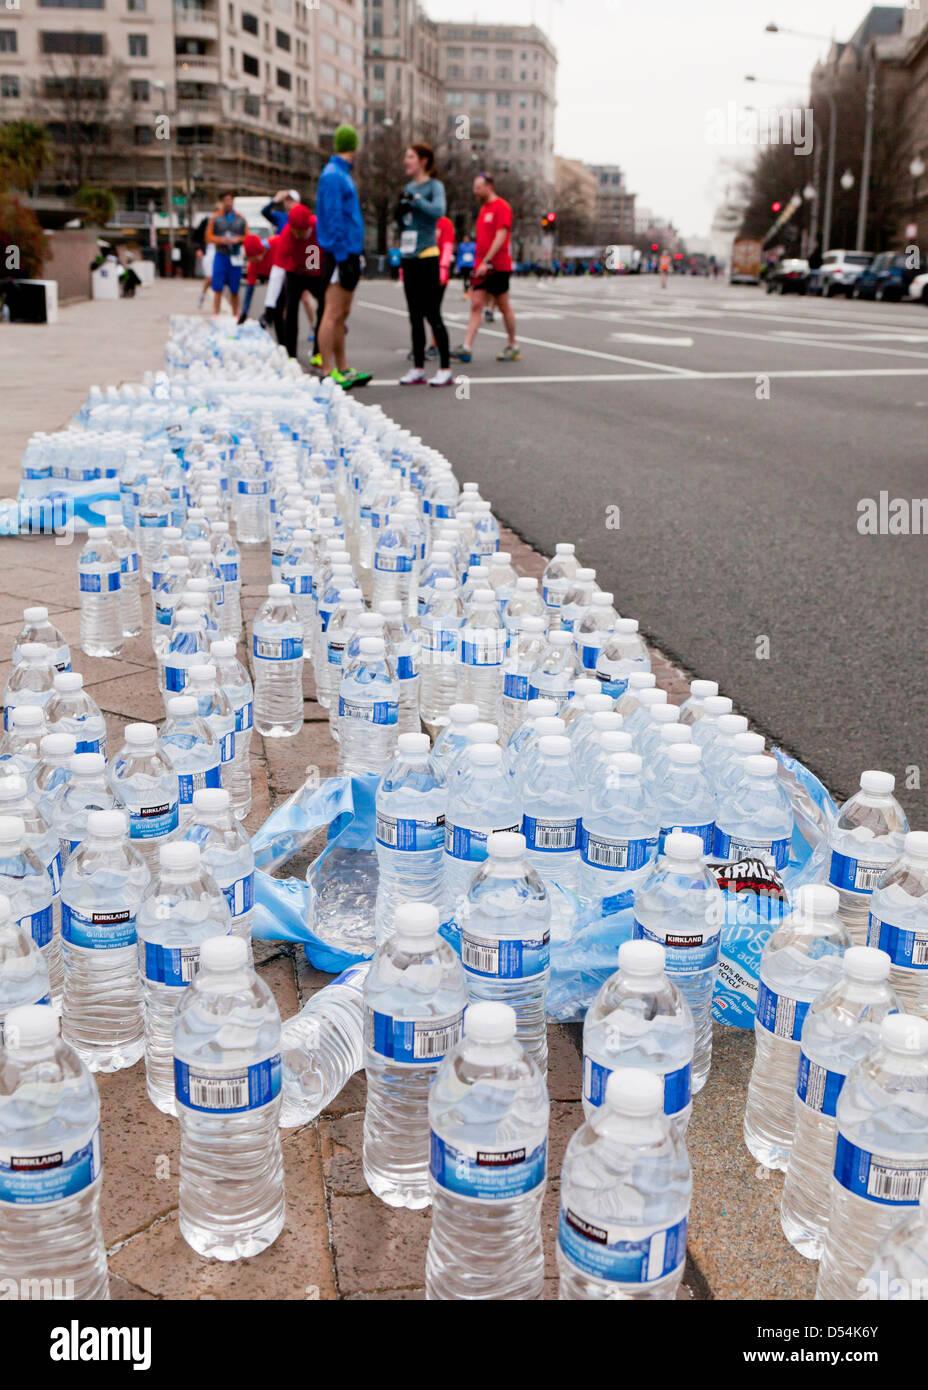 El agua embotellada se alinearon para corredores de carrera Imagen De Stock